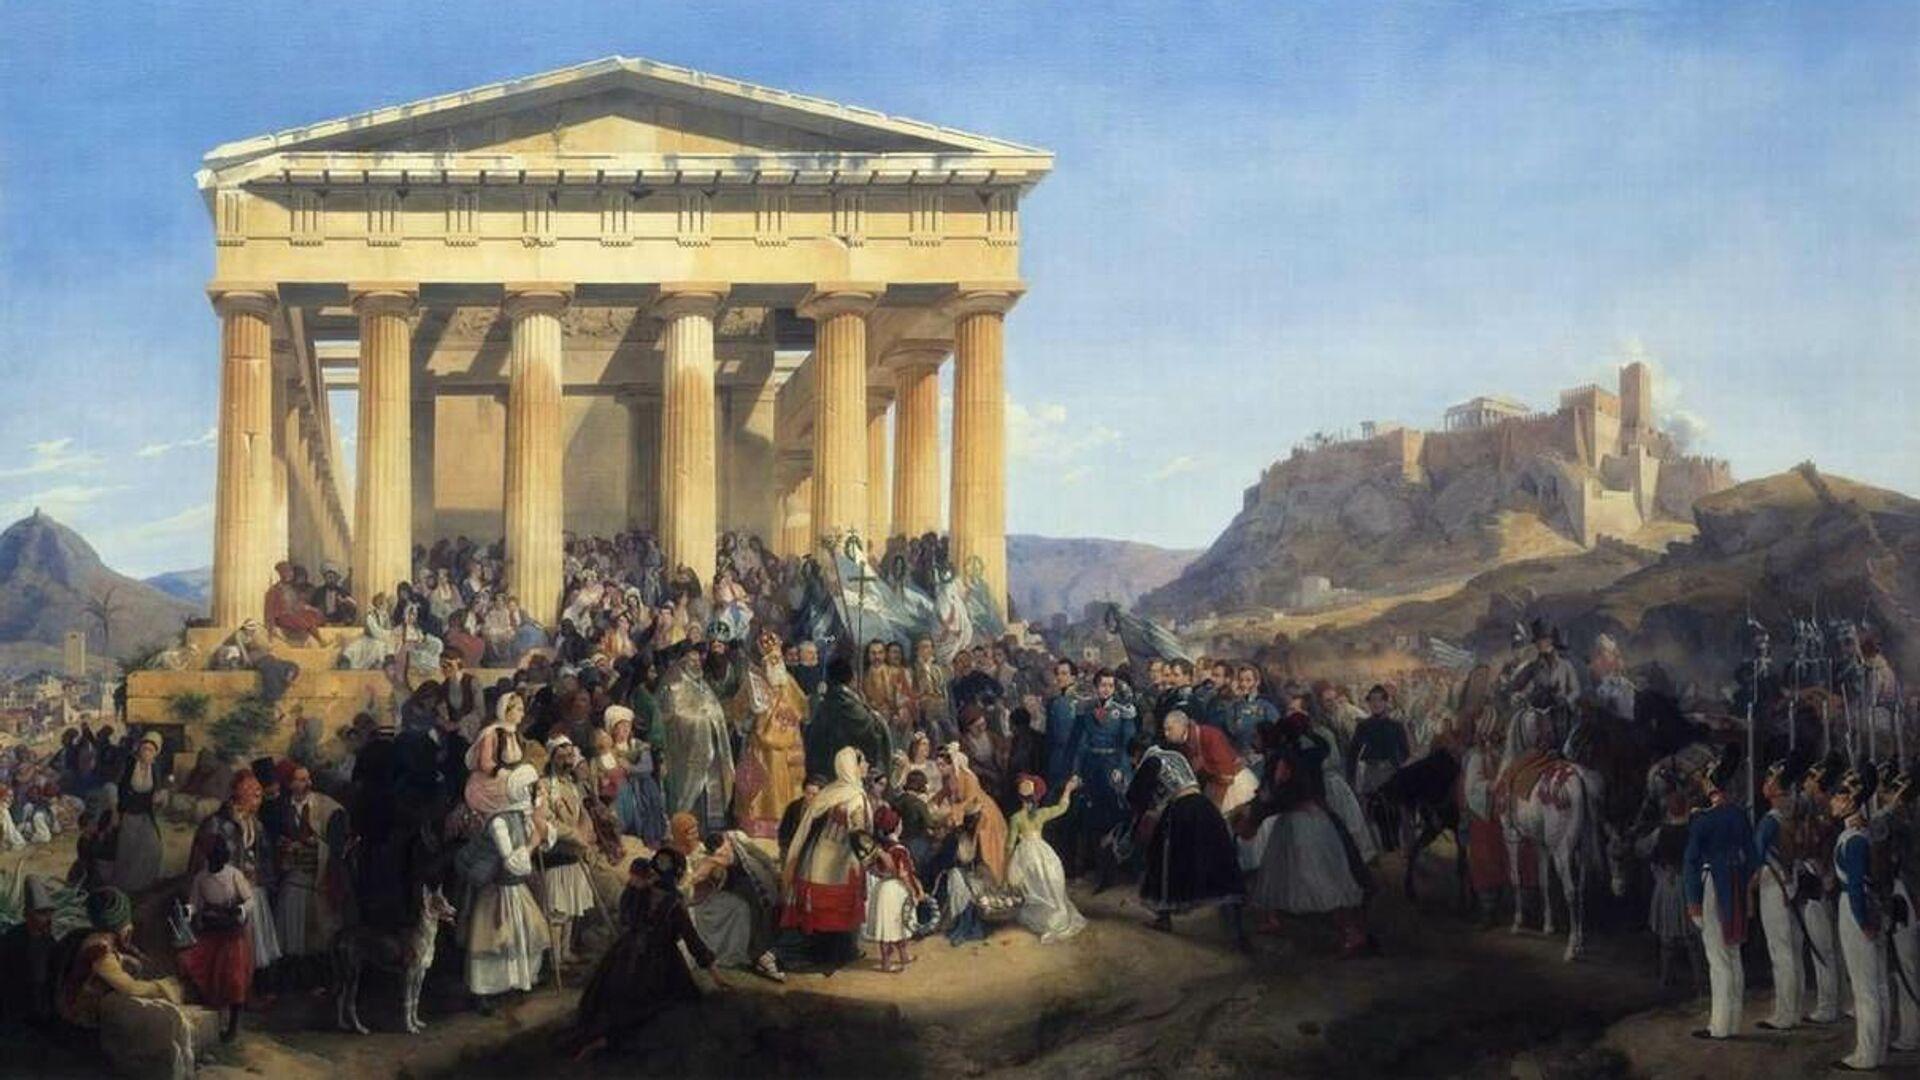 Η υποδοχή του βασιλιά Όθωνα στην Αθήνα. Θησείο, 1833. (Έργο του Peter von Hess, 1839) - Sputnik Ελλάδα, 1920, 19.09.2021